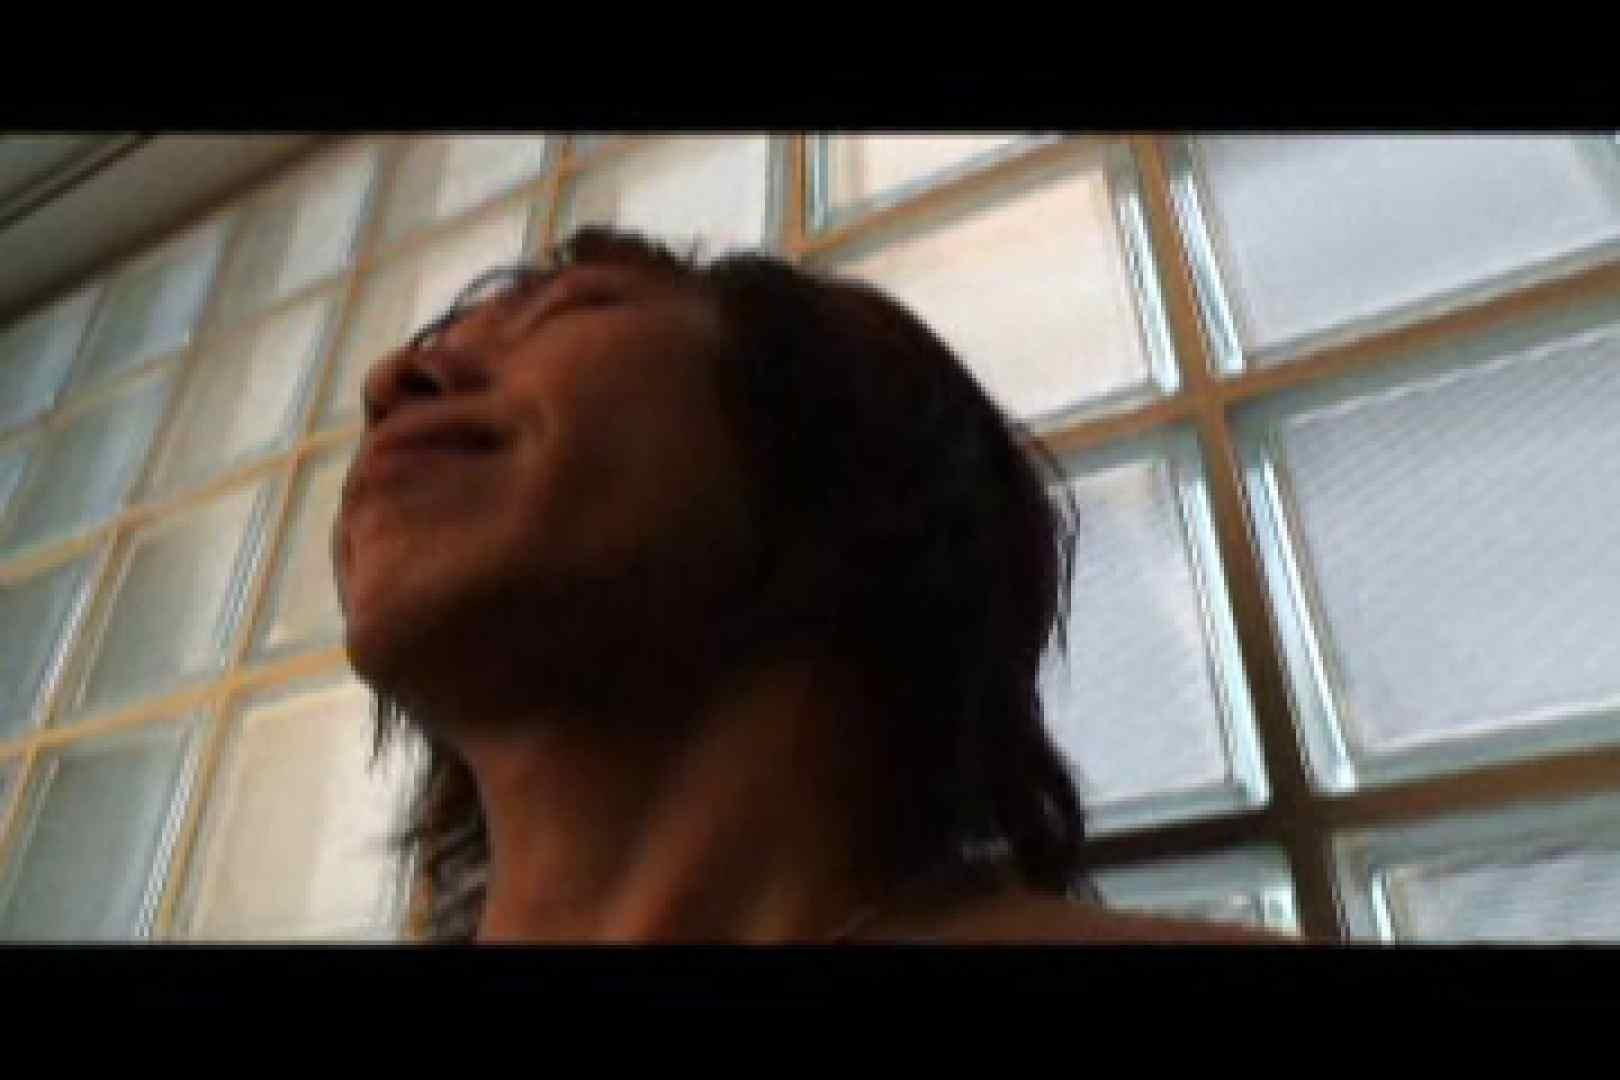 イケメン,s VOL.3 KISS ゲイ無修正ビデオ画像 93pic 70